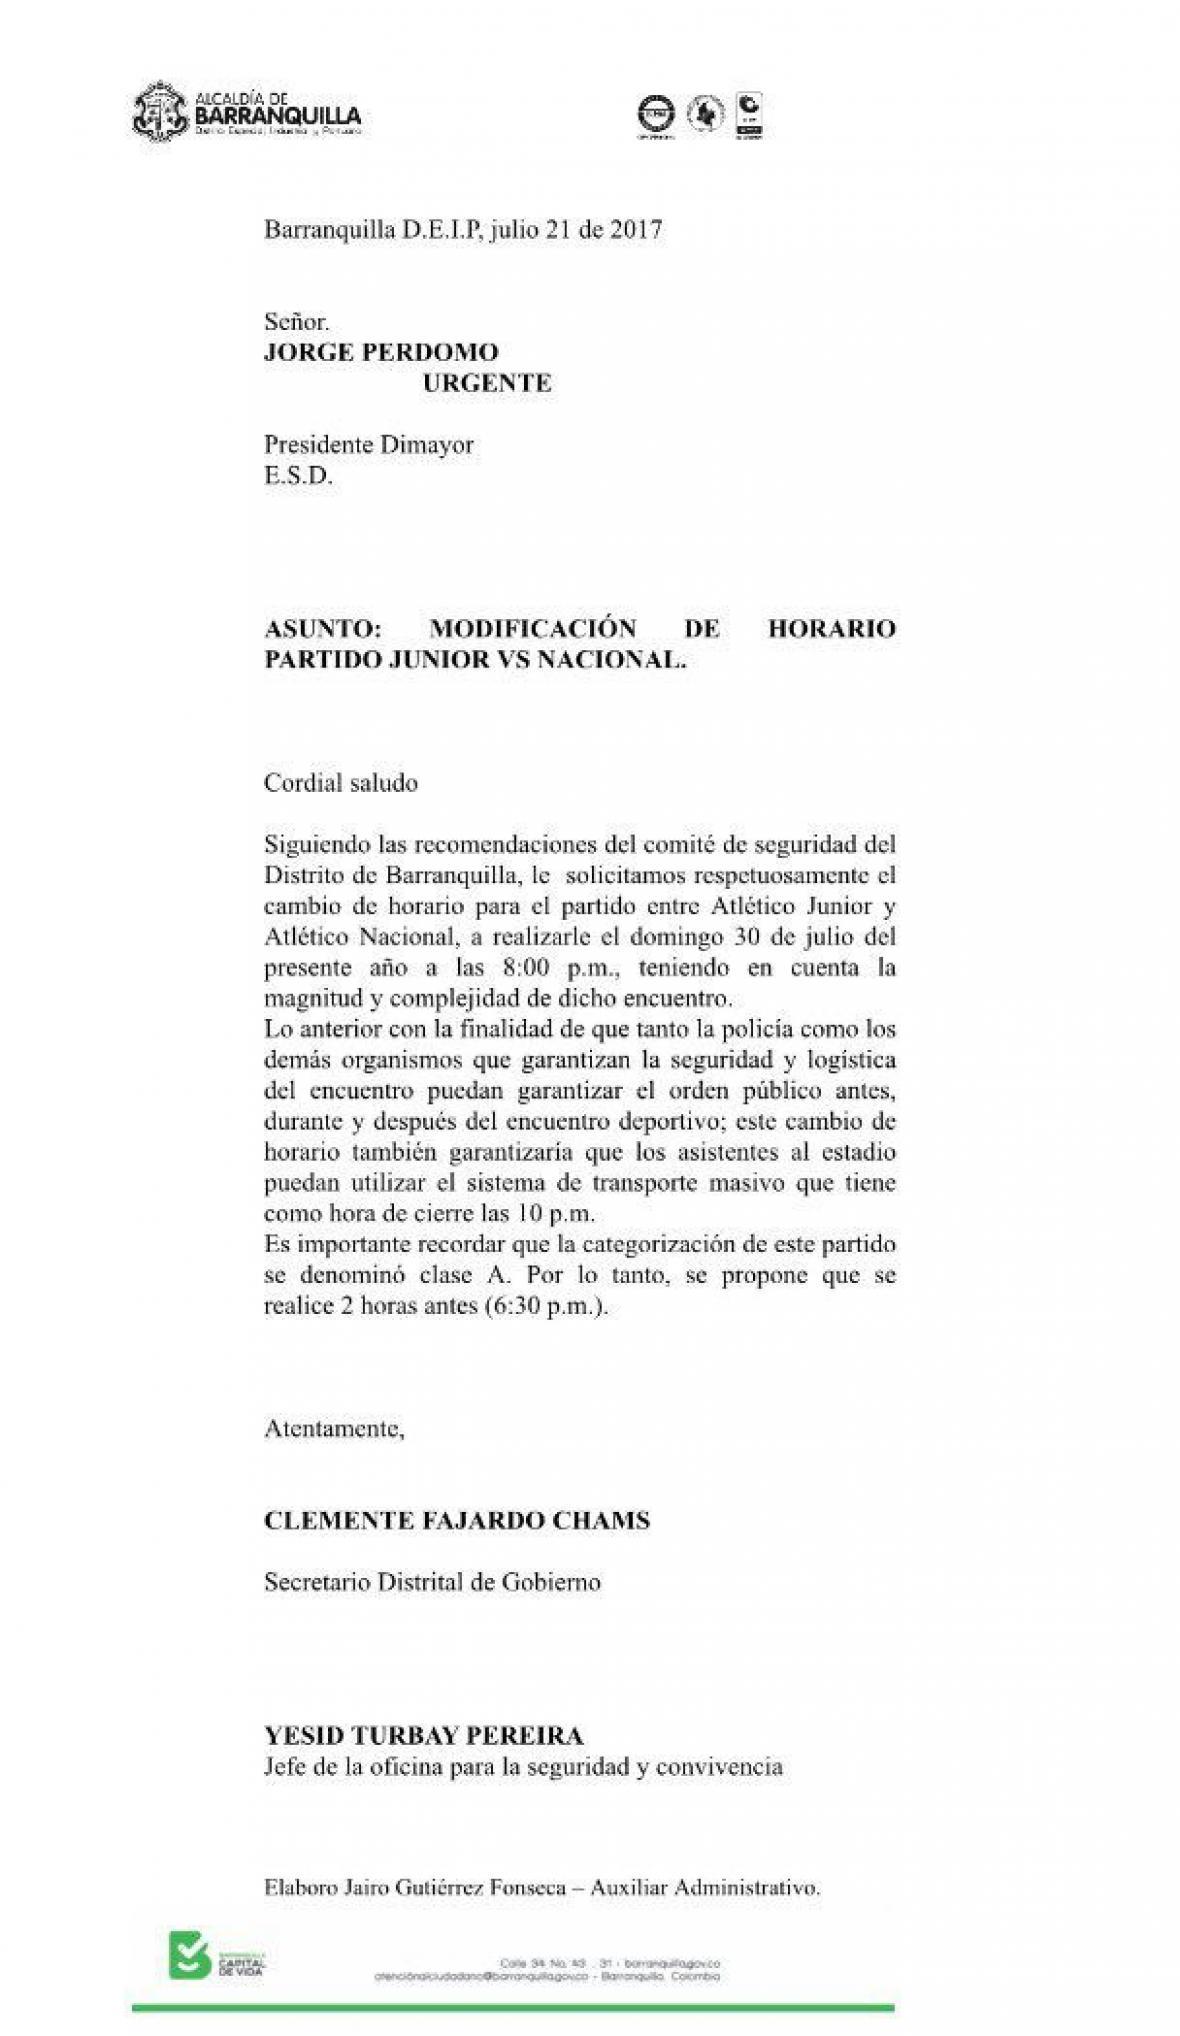 Carta enviada por la Alcaldía a la Dimayor.